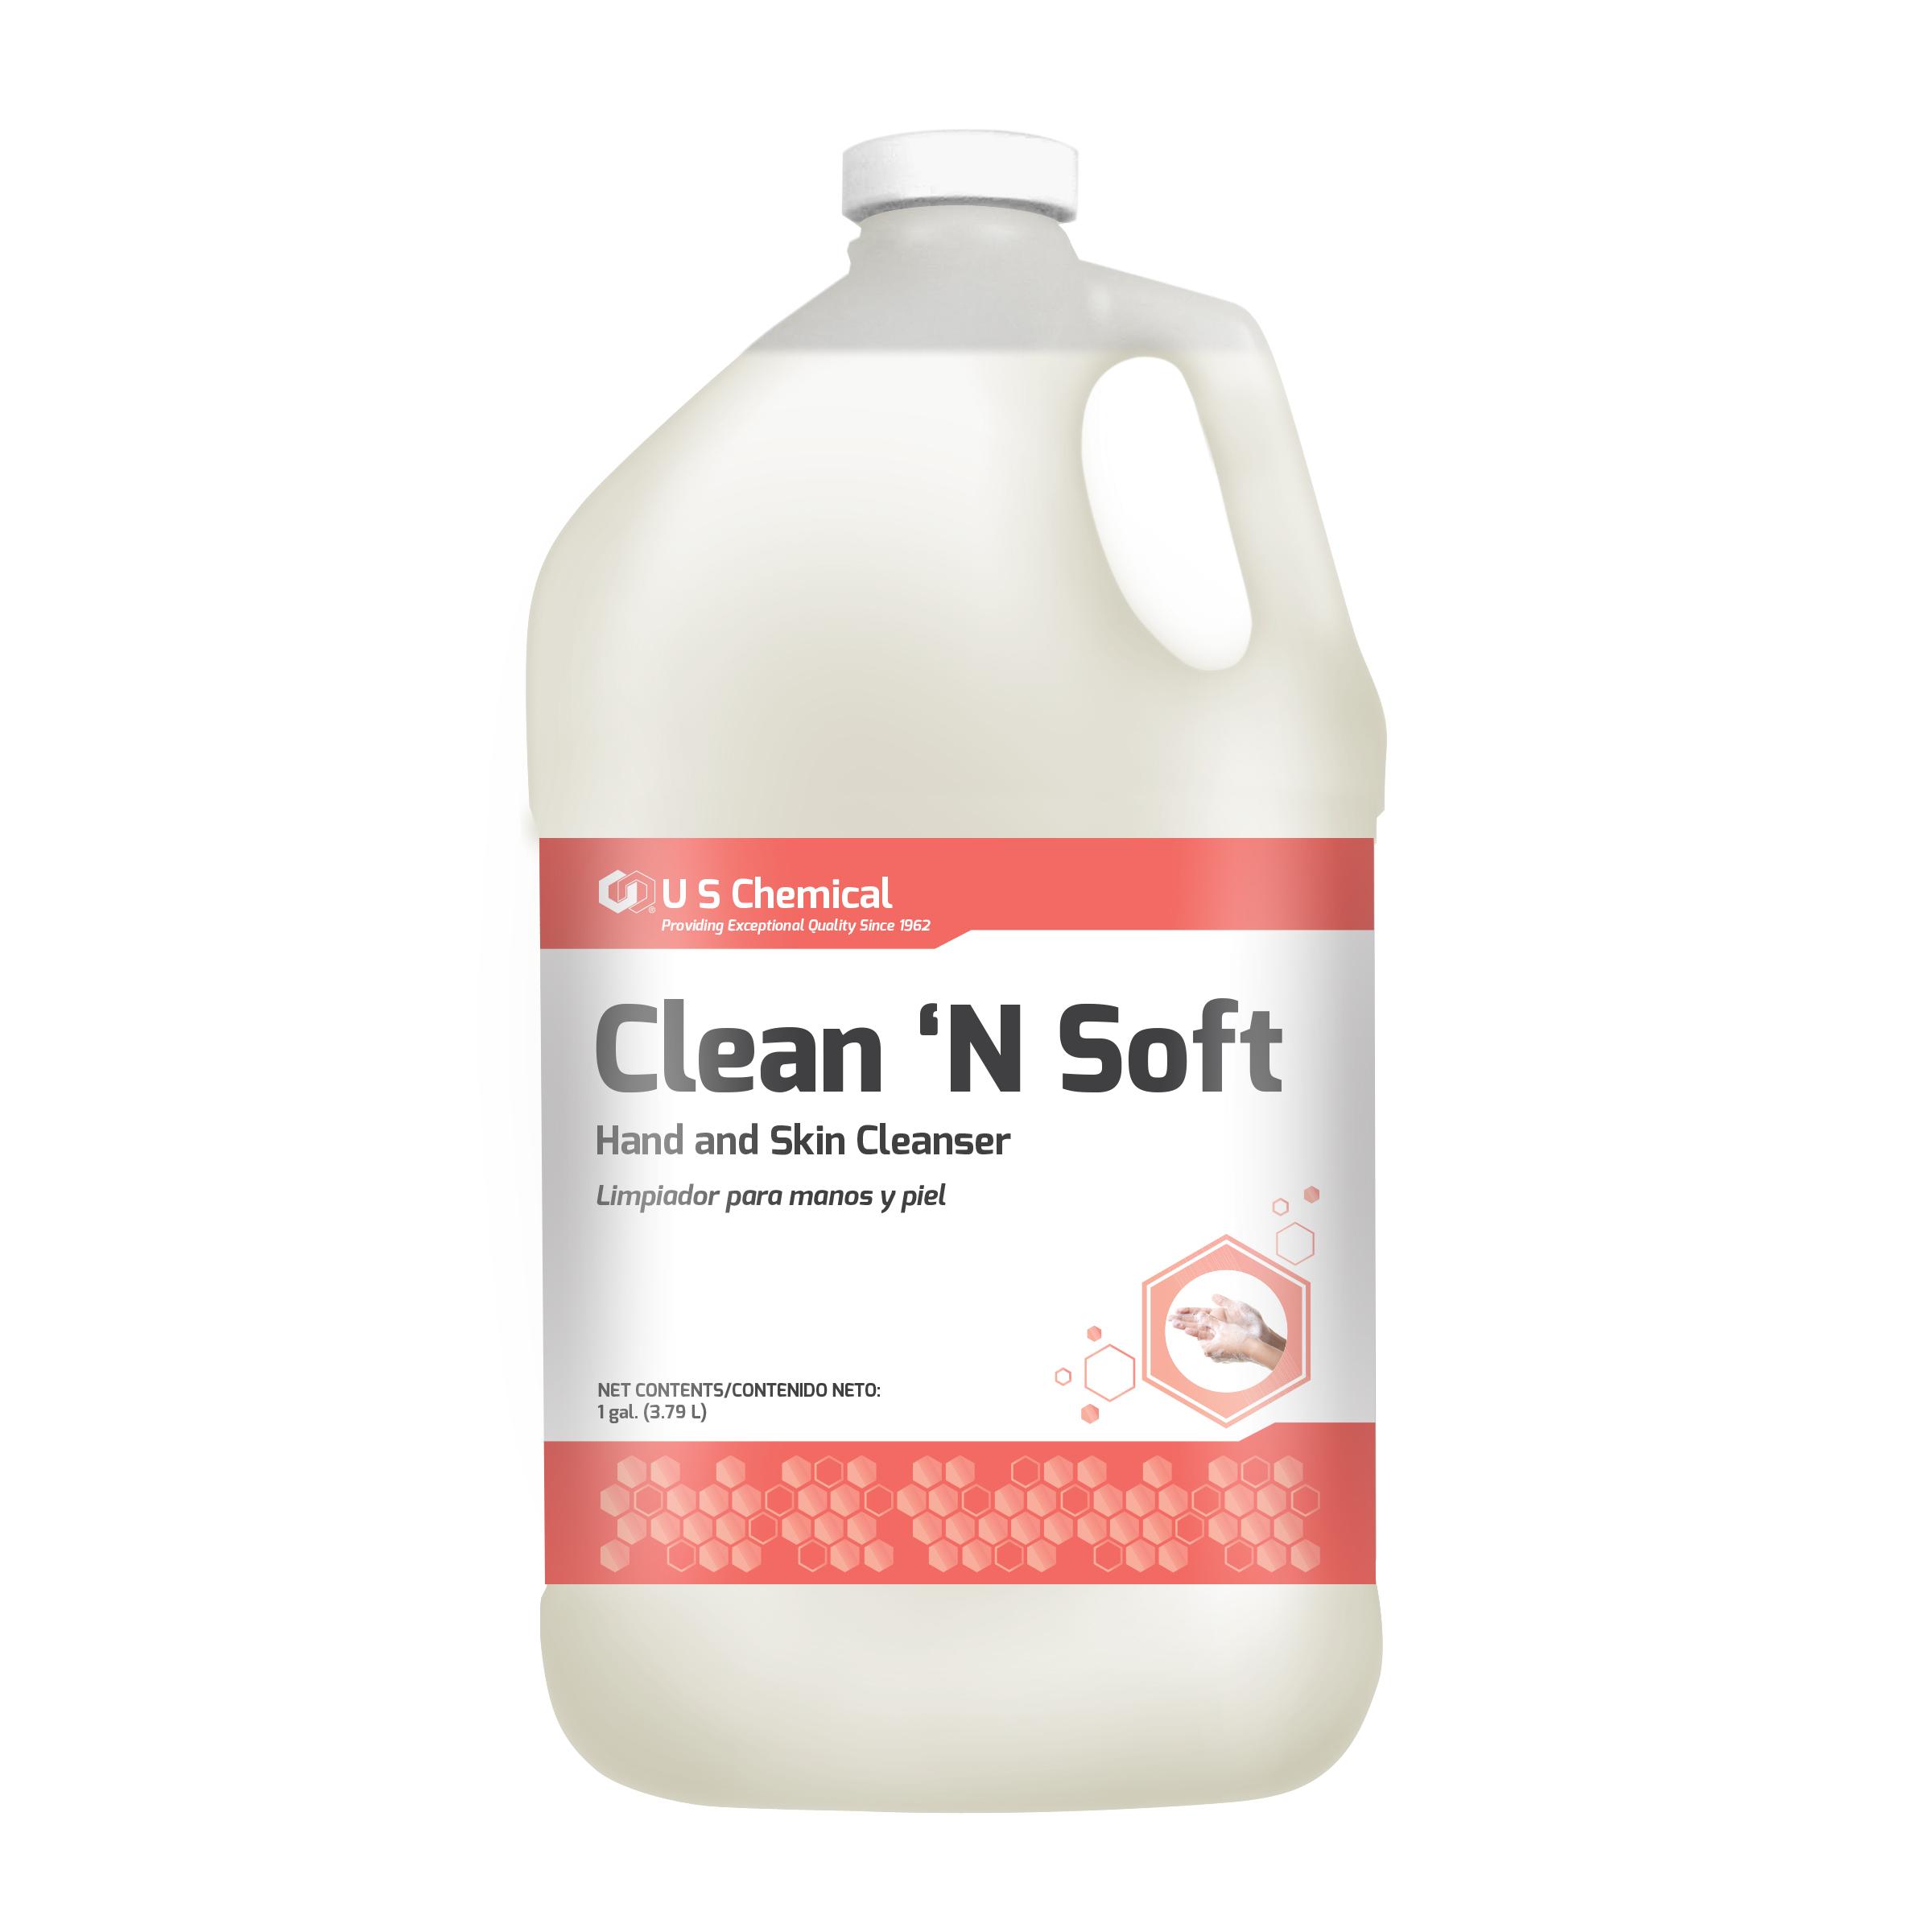 057377_CLEAN_N_SOFT_1GA